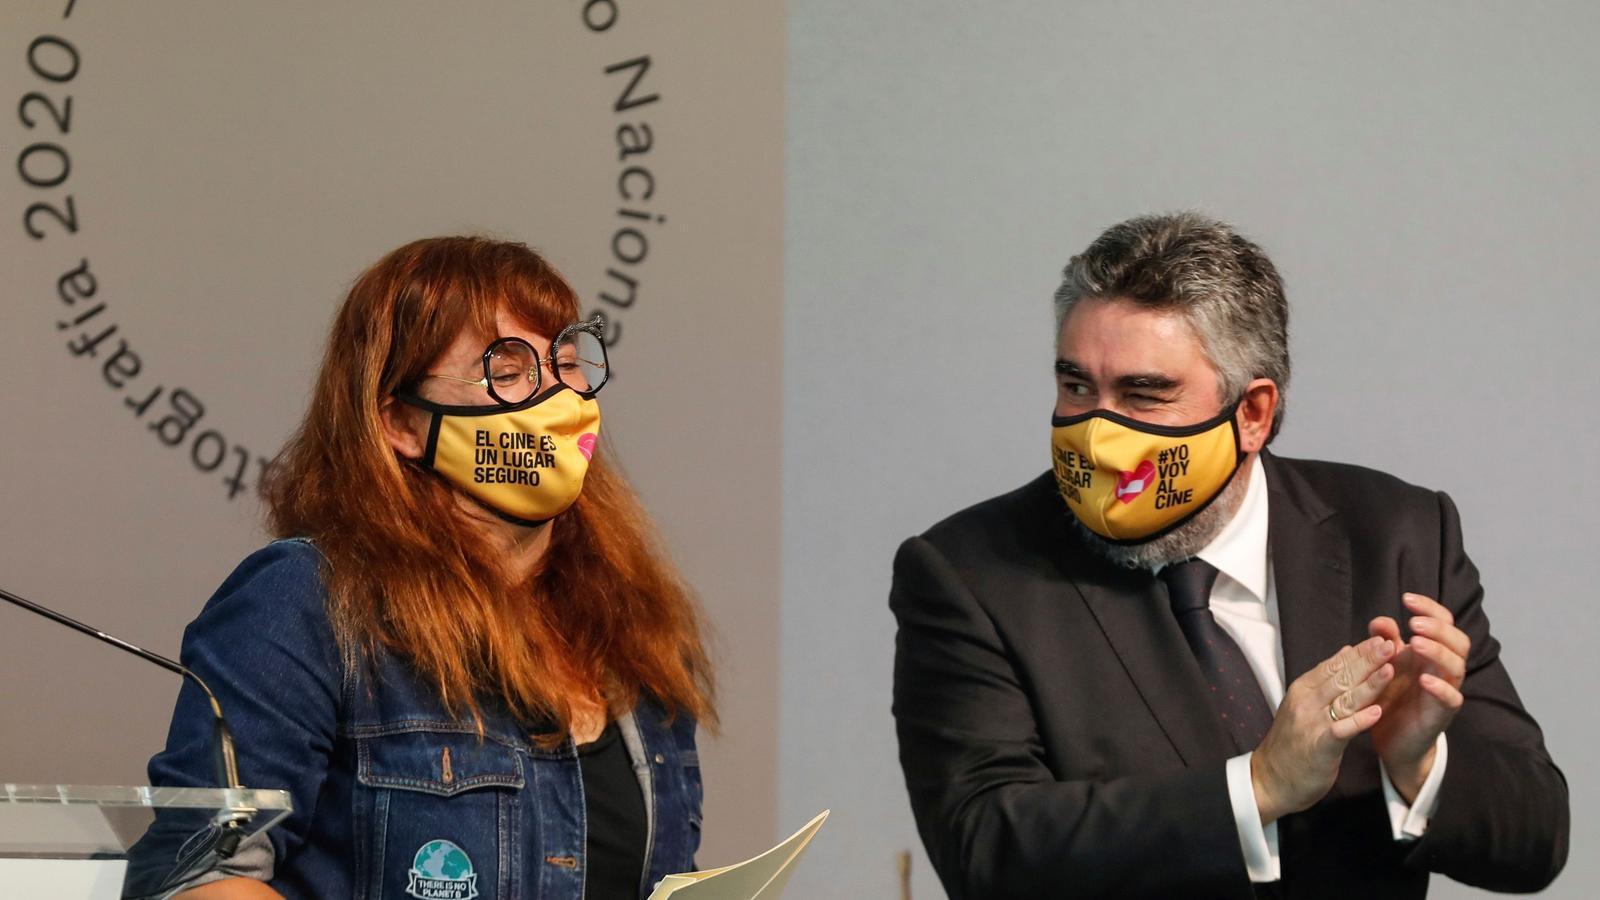 Isabel Coixet i el ministre de Cultura José Manuel Rodríguez Uribes després de rebre el Premio Nacional de cinematografia a Sant Sebastià.